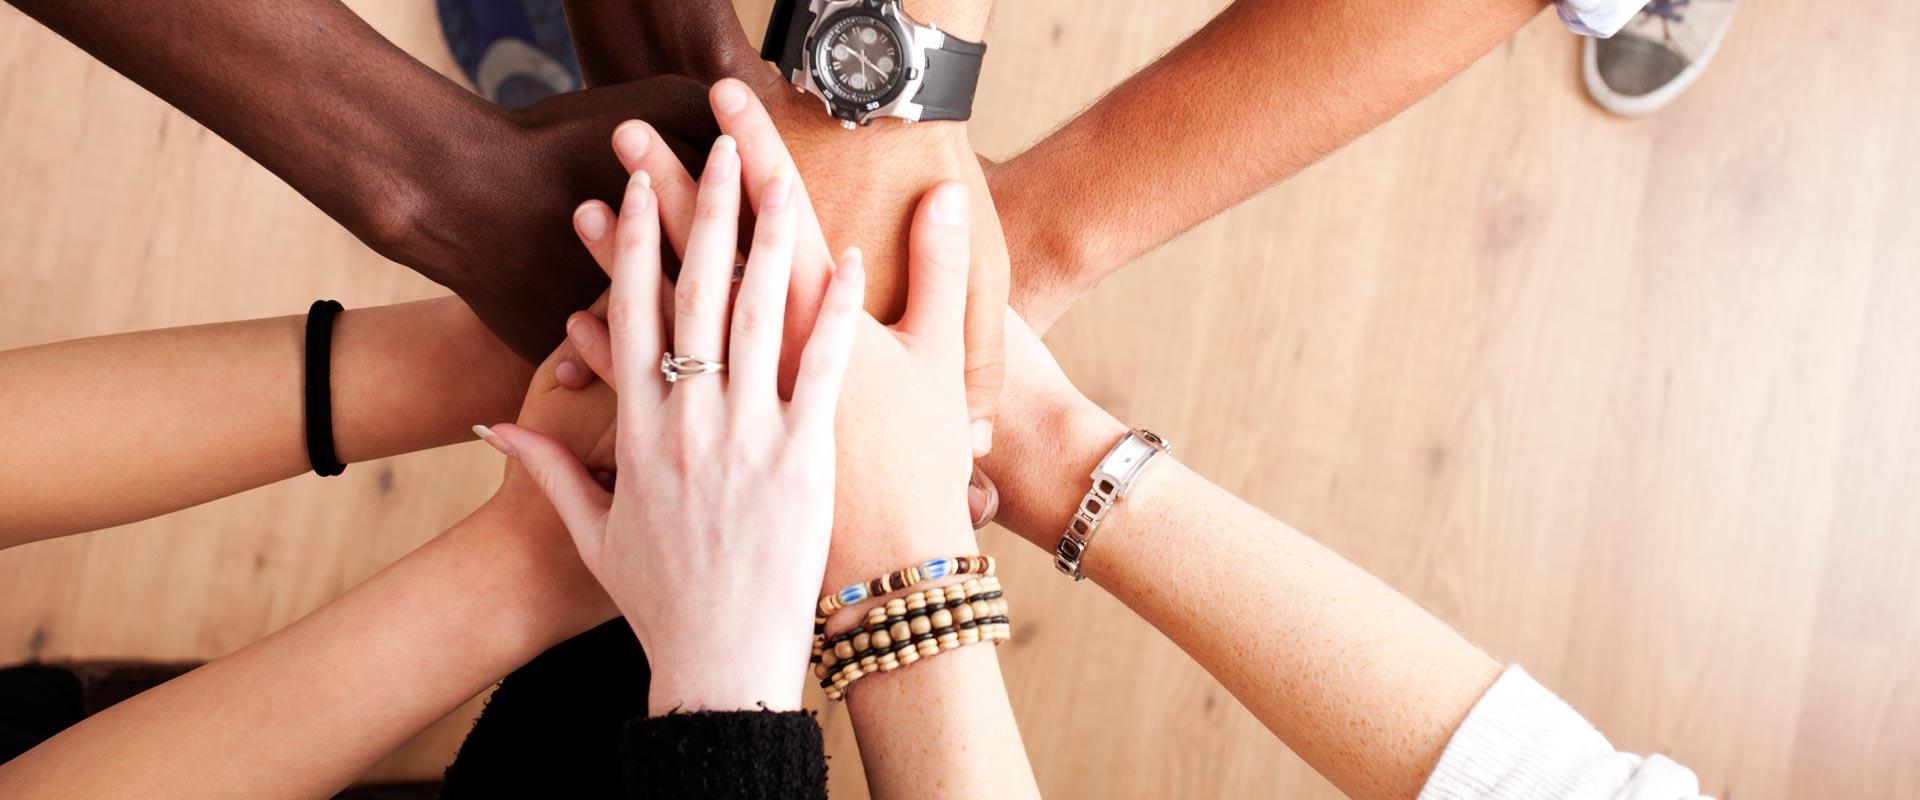 BGC teamwork - hands coming together